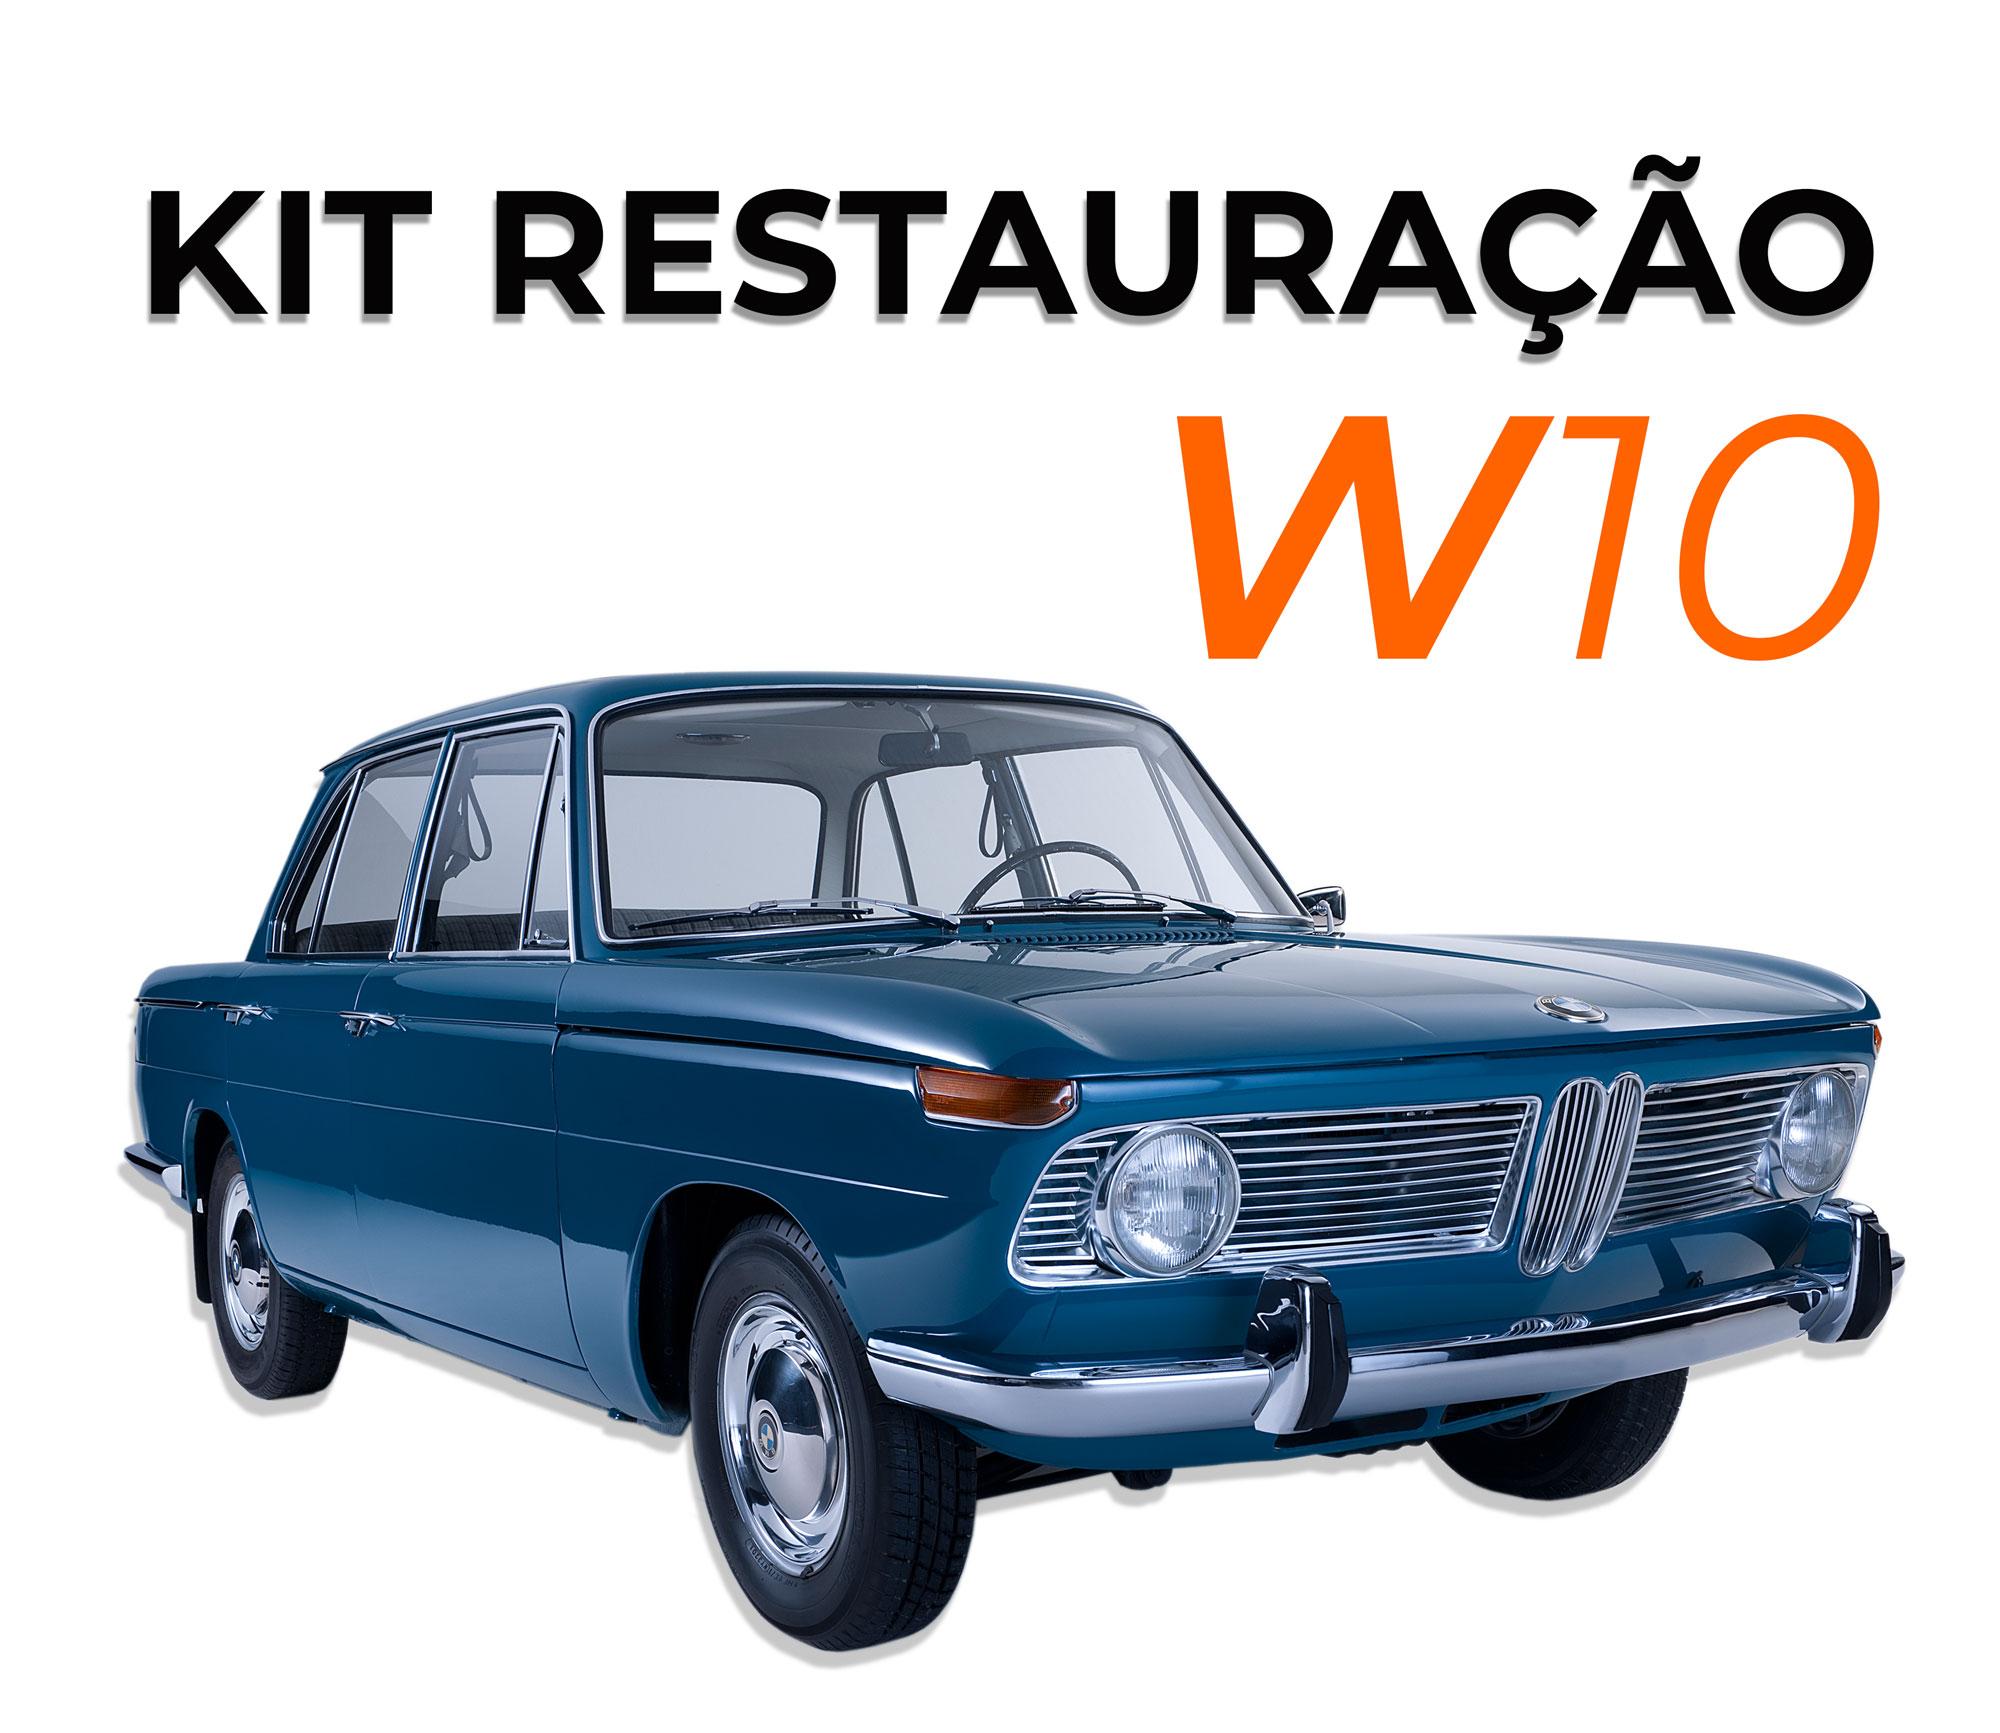 KIT RESTAURAÇÃO LINHA W10